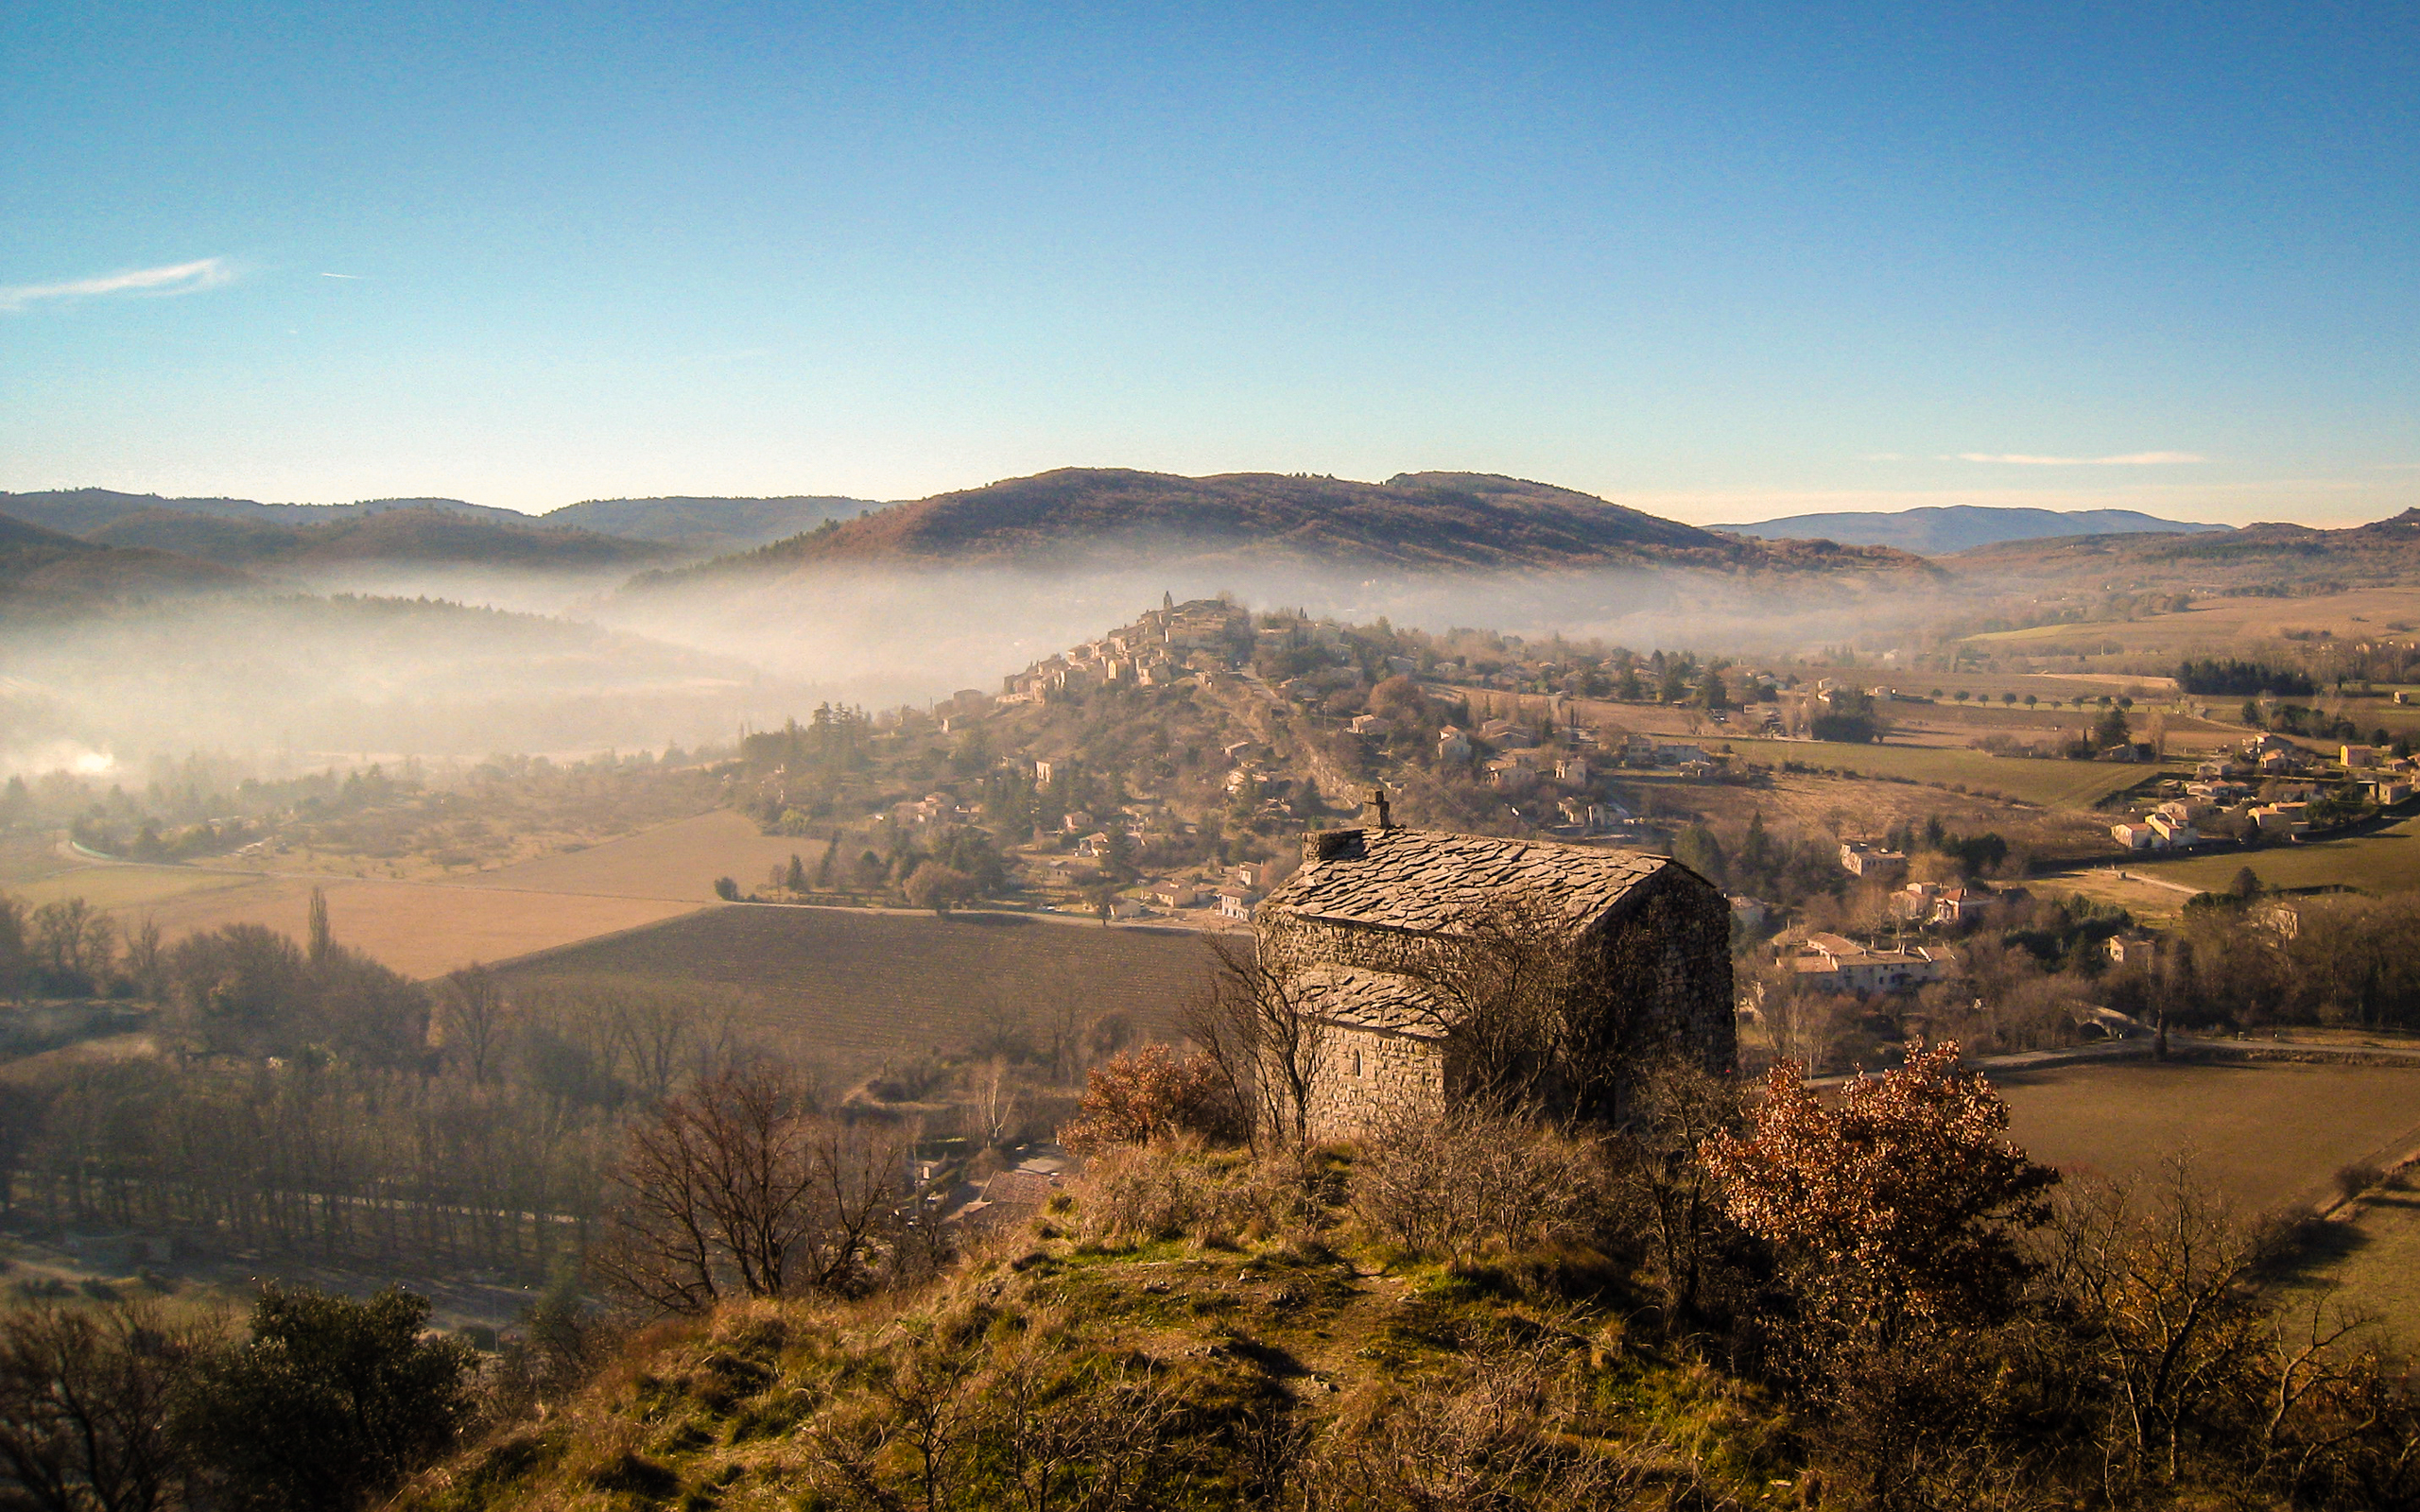 Dans les Alpes-de-Haute-Provence : la chapelle Sainte-Agathe à Saint-Maime (XIIIe siècle, inscrite au titre des Monuments historiques) faisant face au village perché de Dauphin.